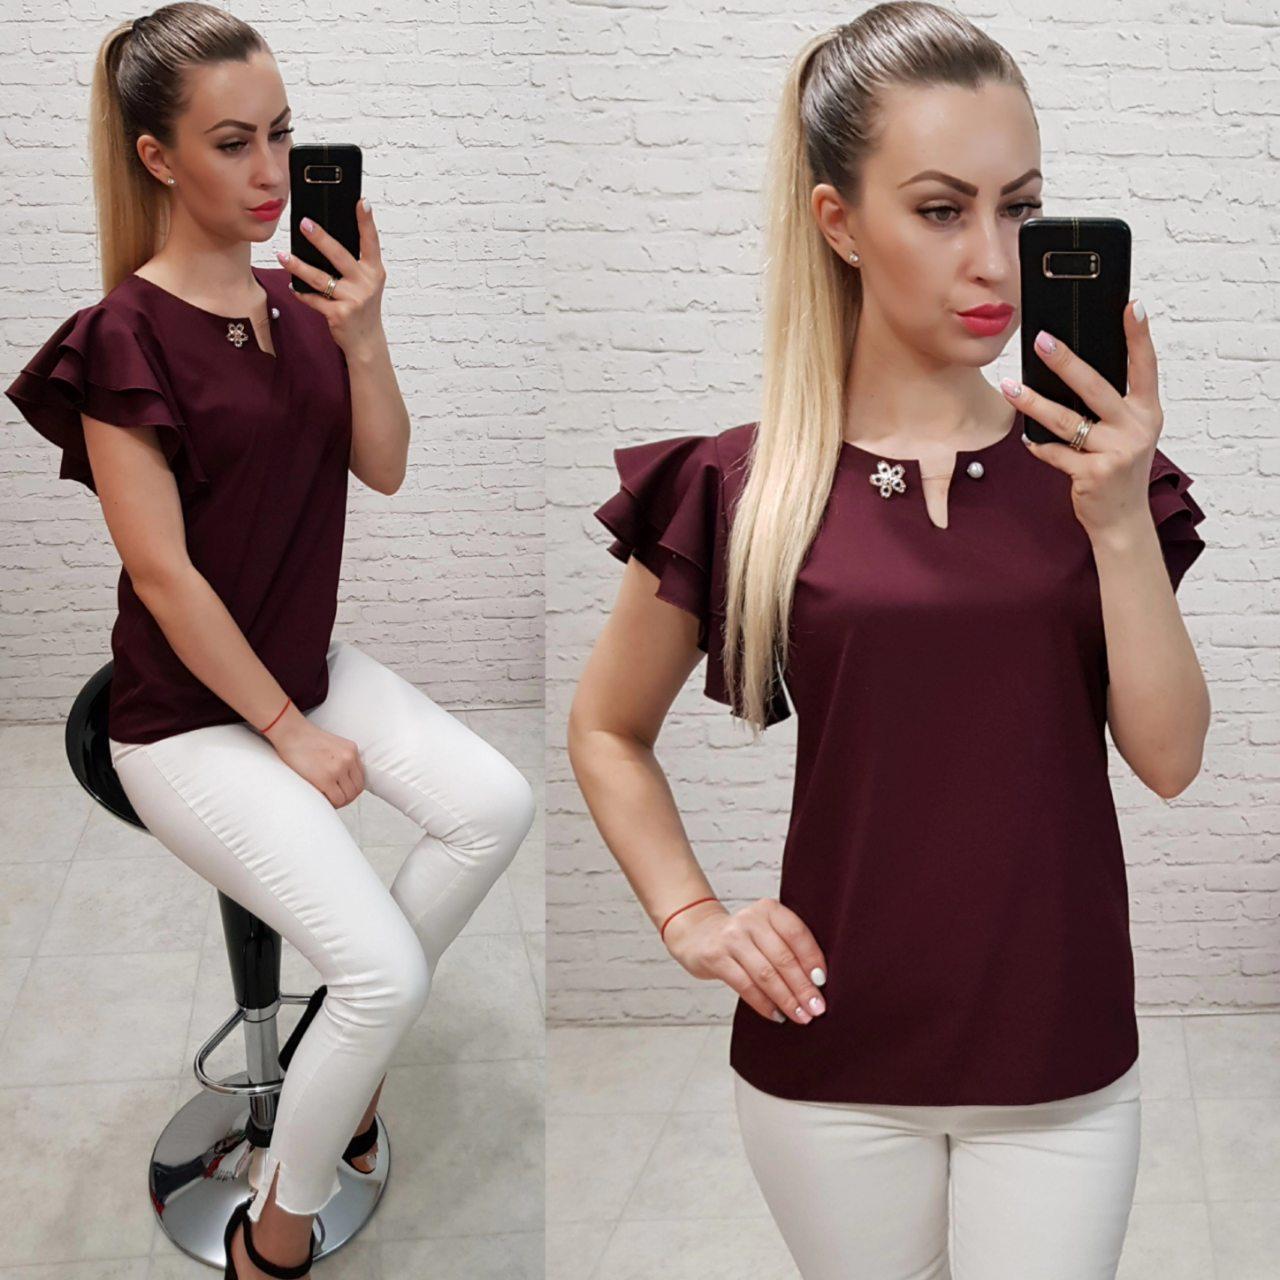 Блузка /блуза с брошью и рюшем на плечах, модель 166 ,цвет бордо